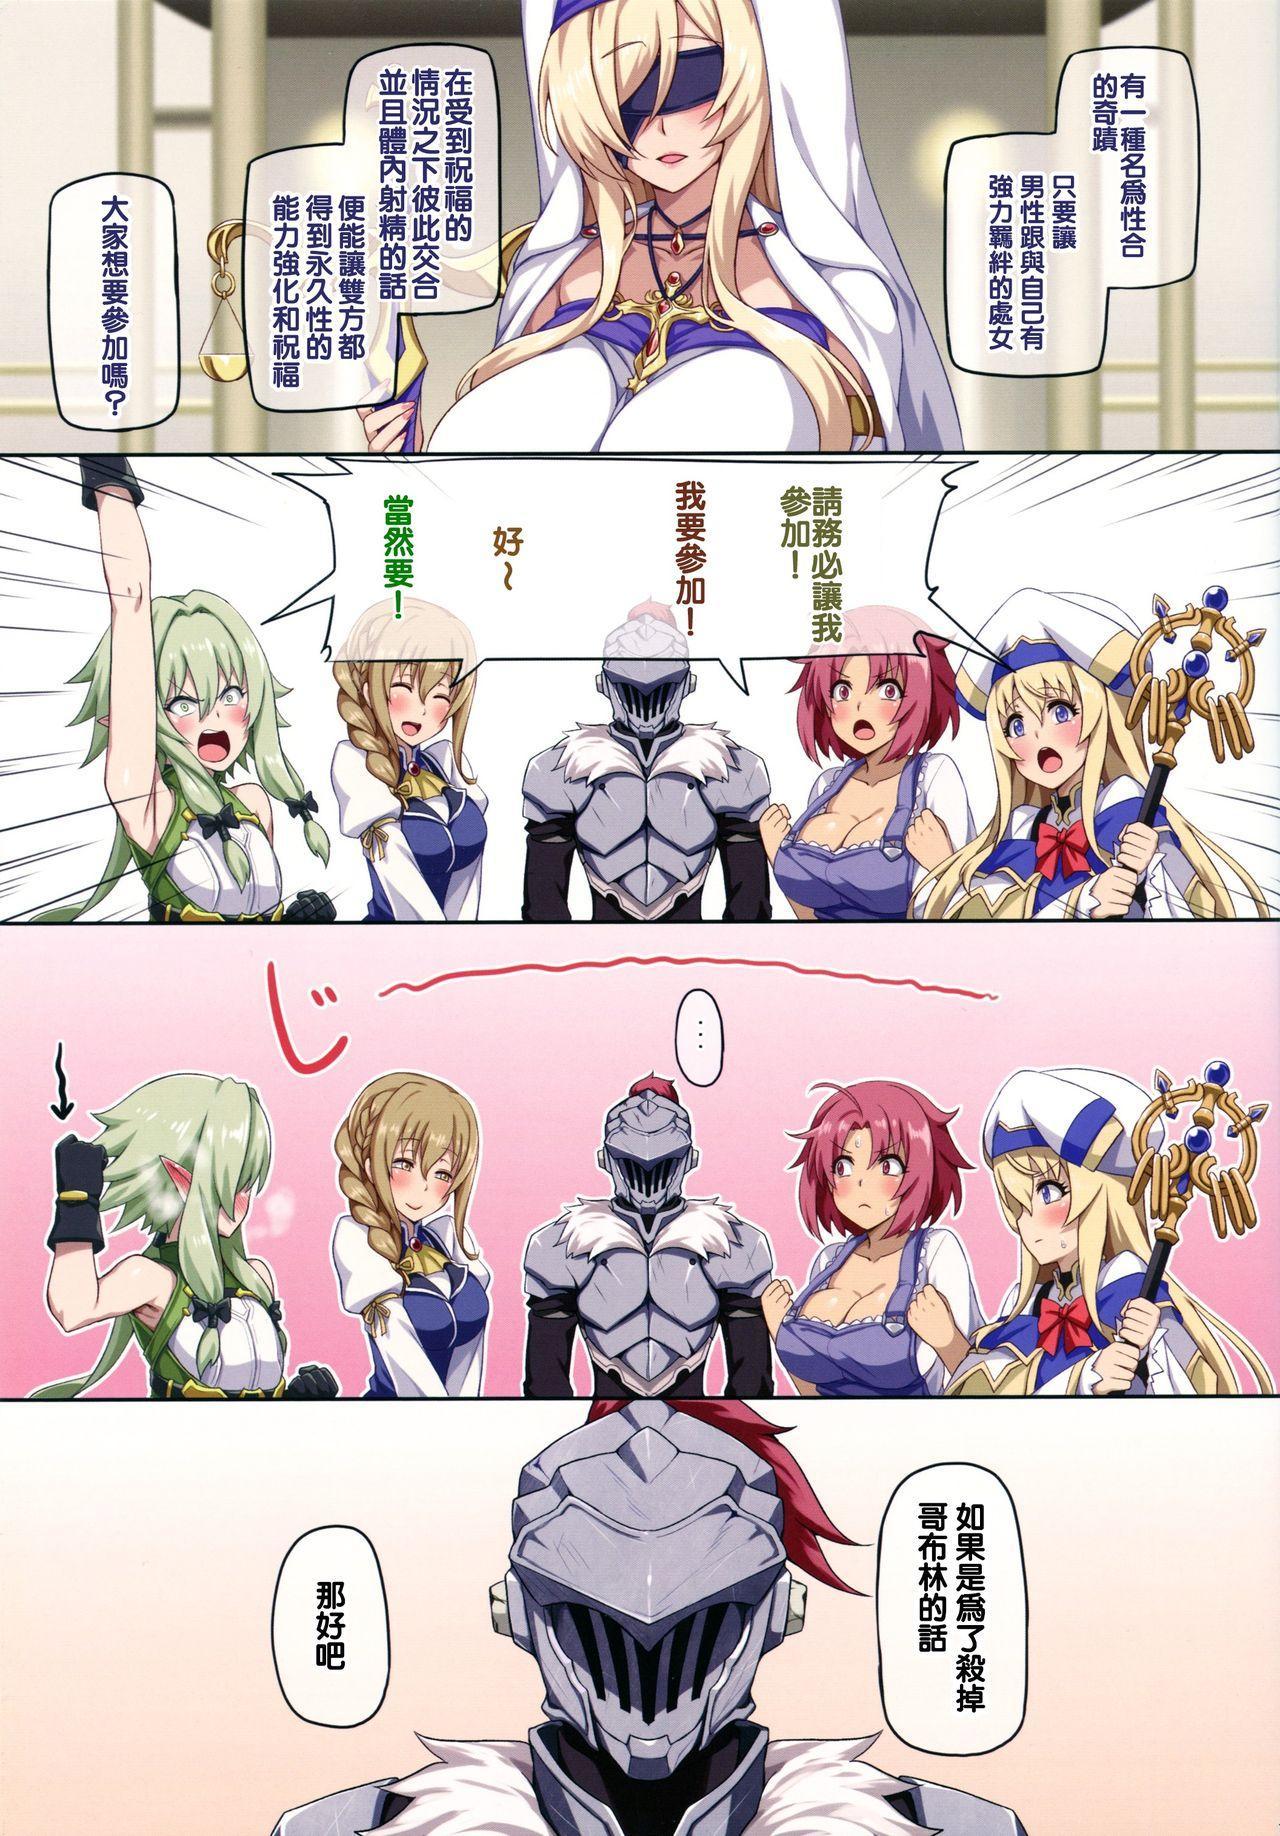 Seikou no Kiseki 2